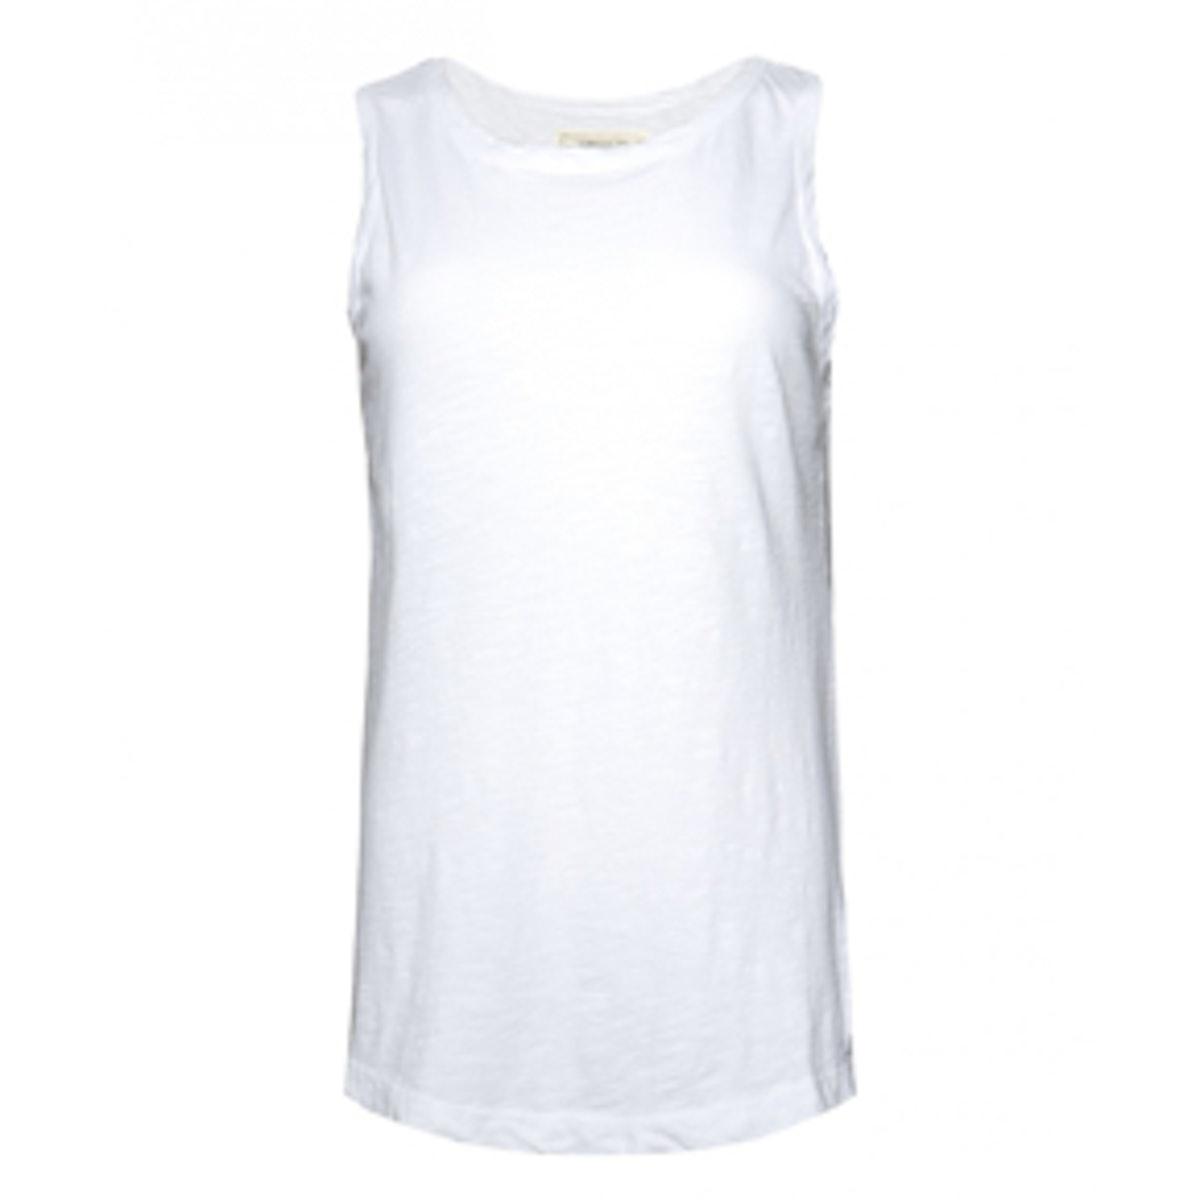 Sleeveless Jersey Muscle T-Shirt